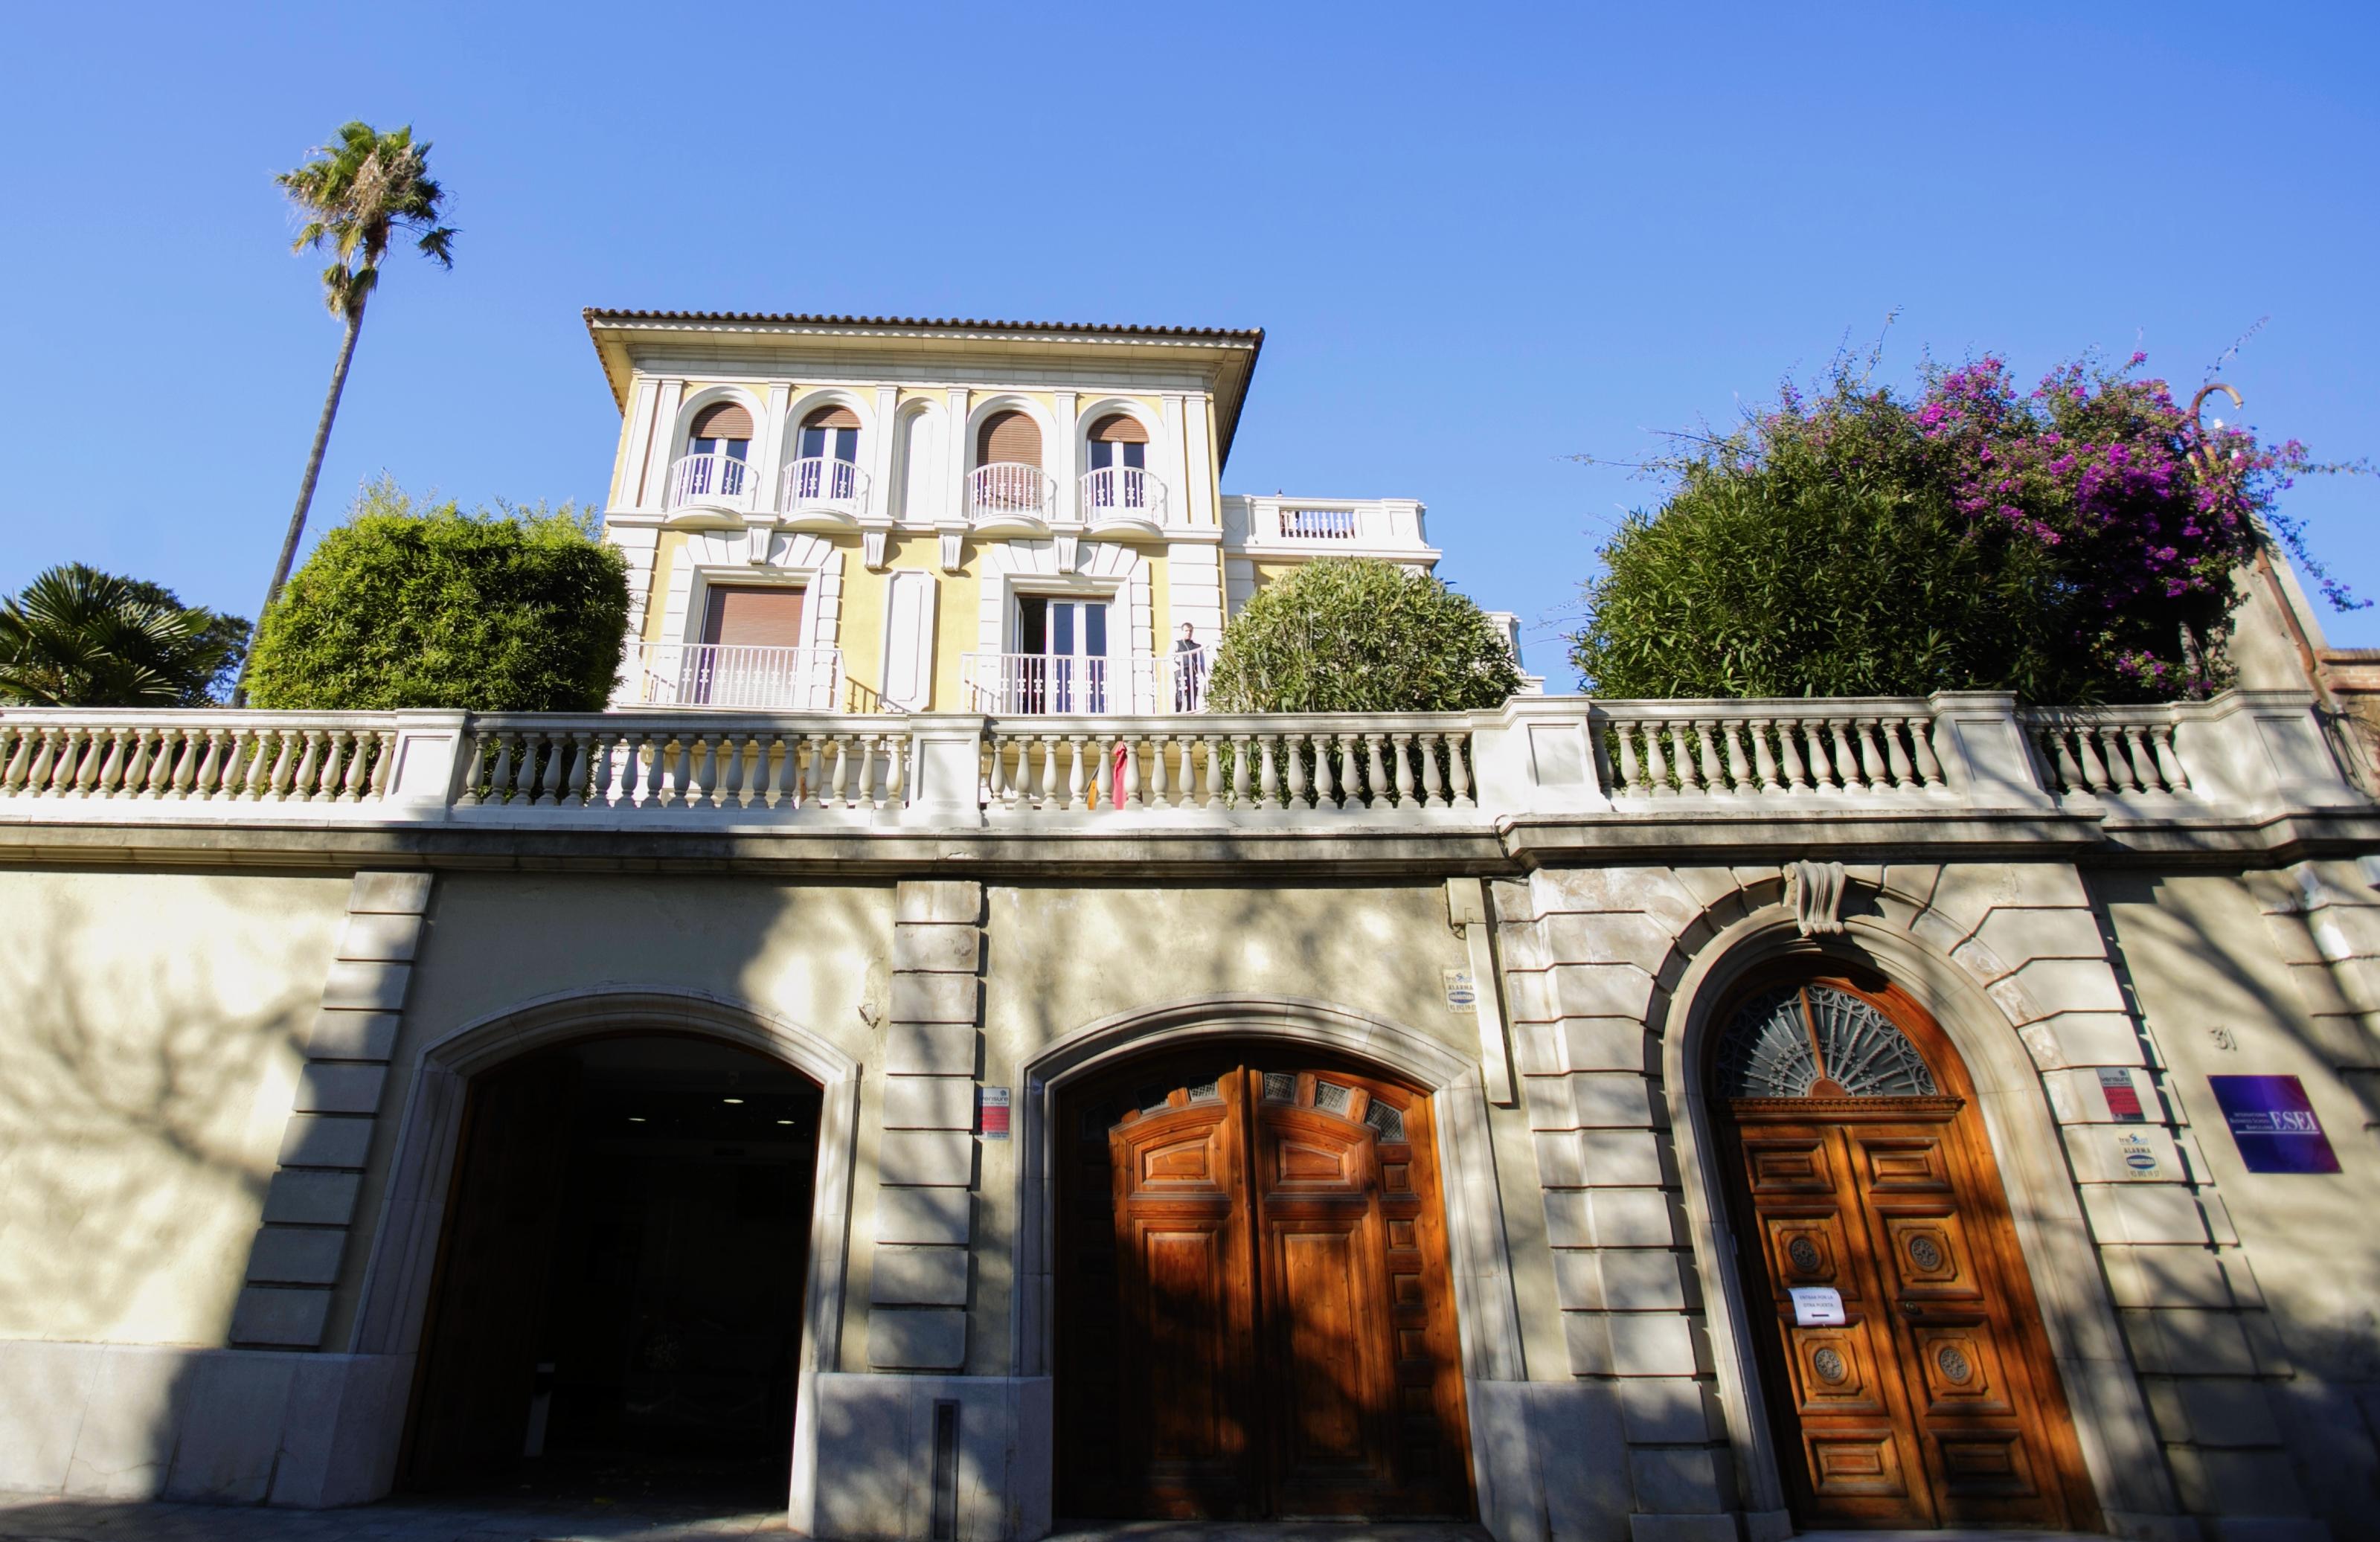 Học bổng đáng được mong đợi nhất học bổng tiếng tại Tây Ban Nha